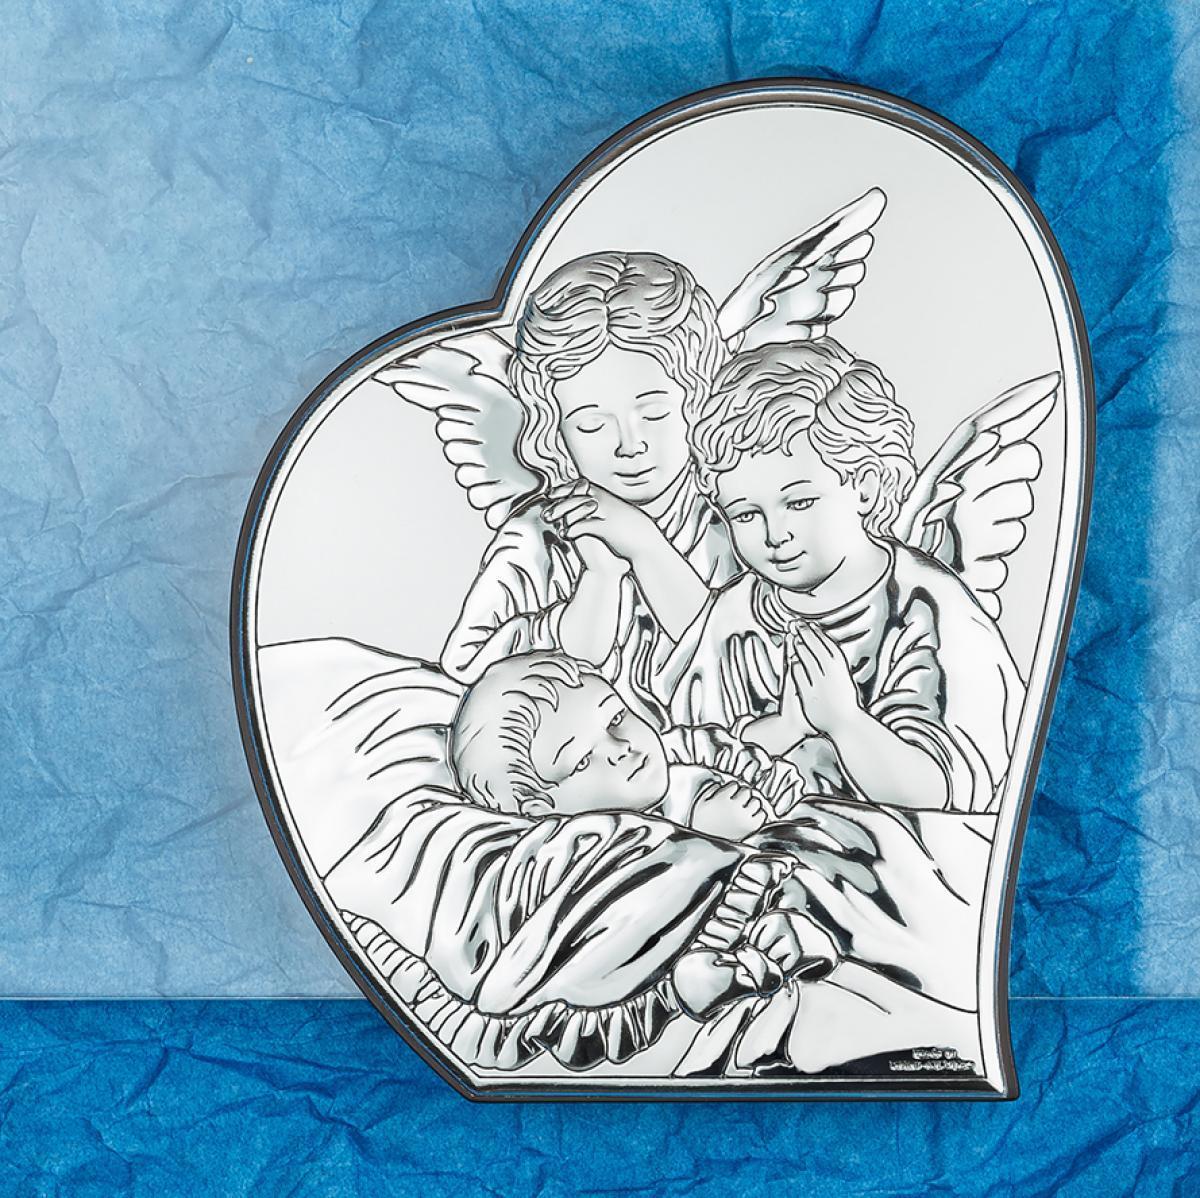 Ікона срібна Ангел-охоронець 12х16см 81084 2L